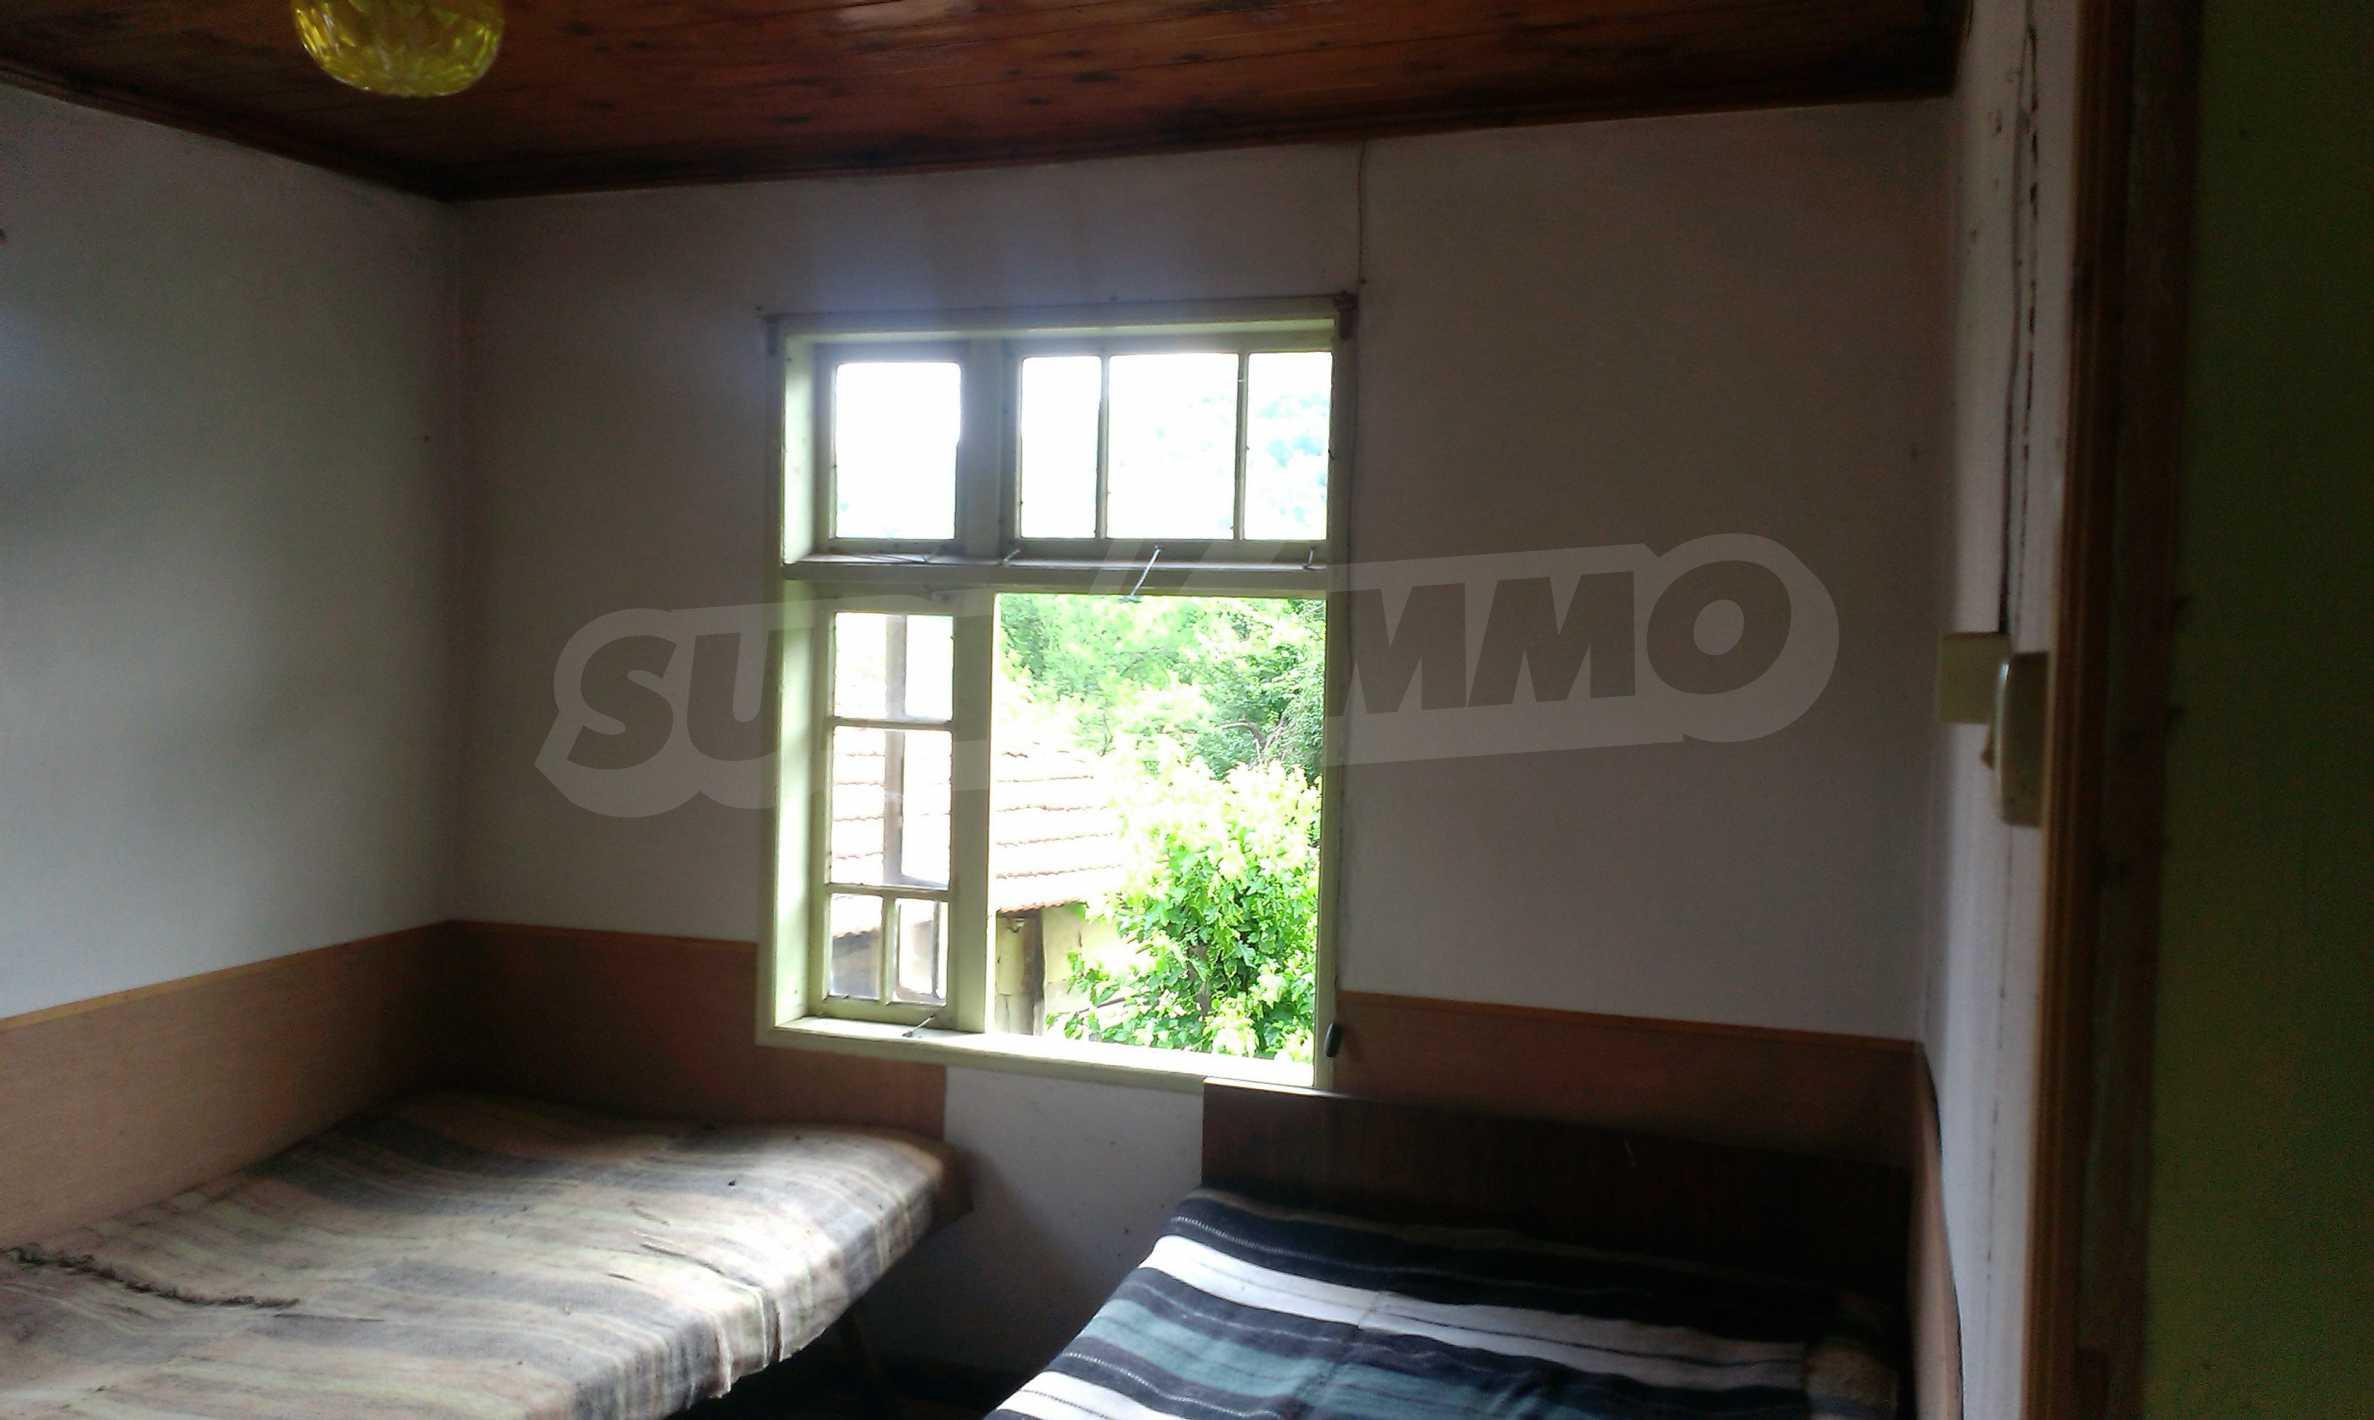 Тухлена двуетажна къща само на 22 км от Велико Търново  14